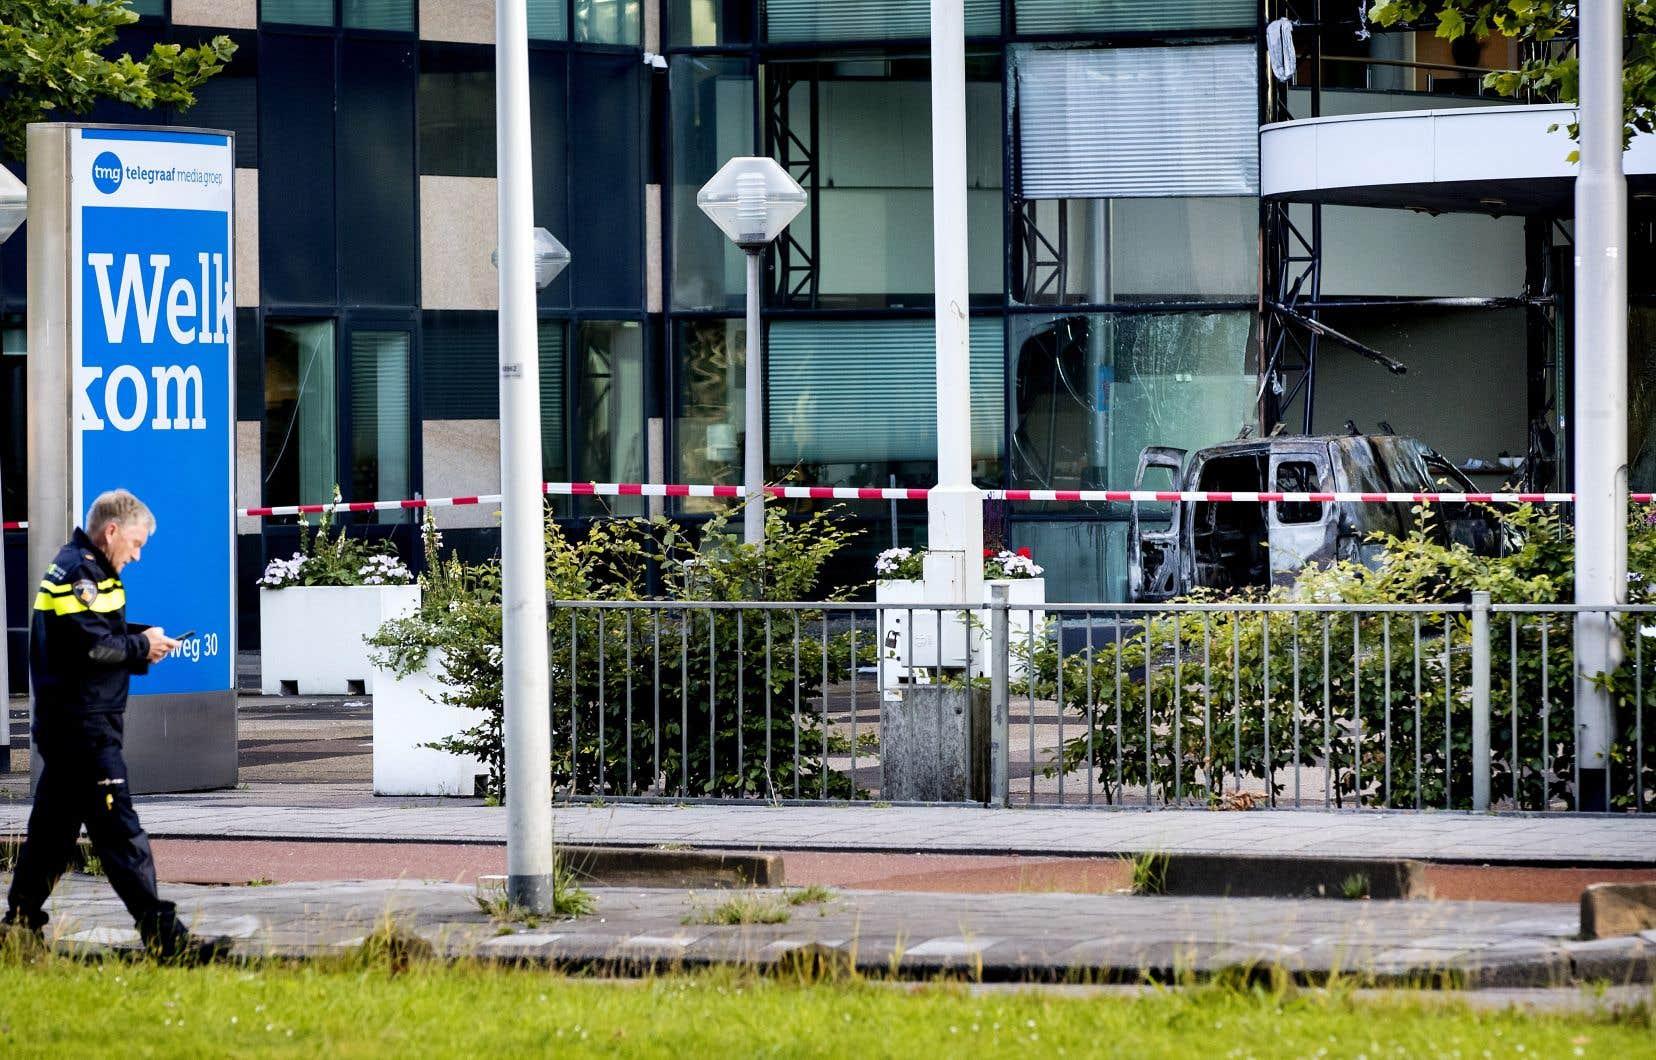 Une camionnette a délibérément foncé très tôt mardi matin à Amsterdam dans la façade de l'édifice abritant entre autres le journal <em>De Telegraaf</em>.